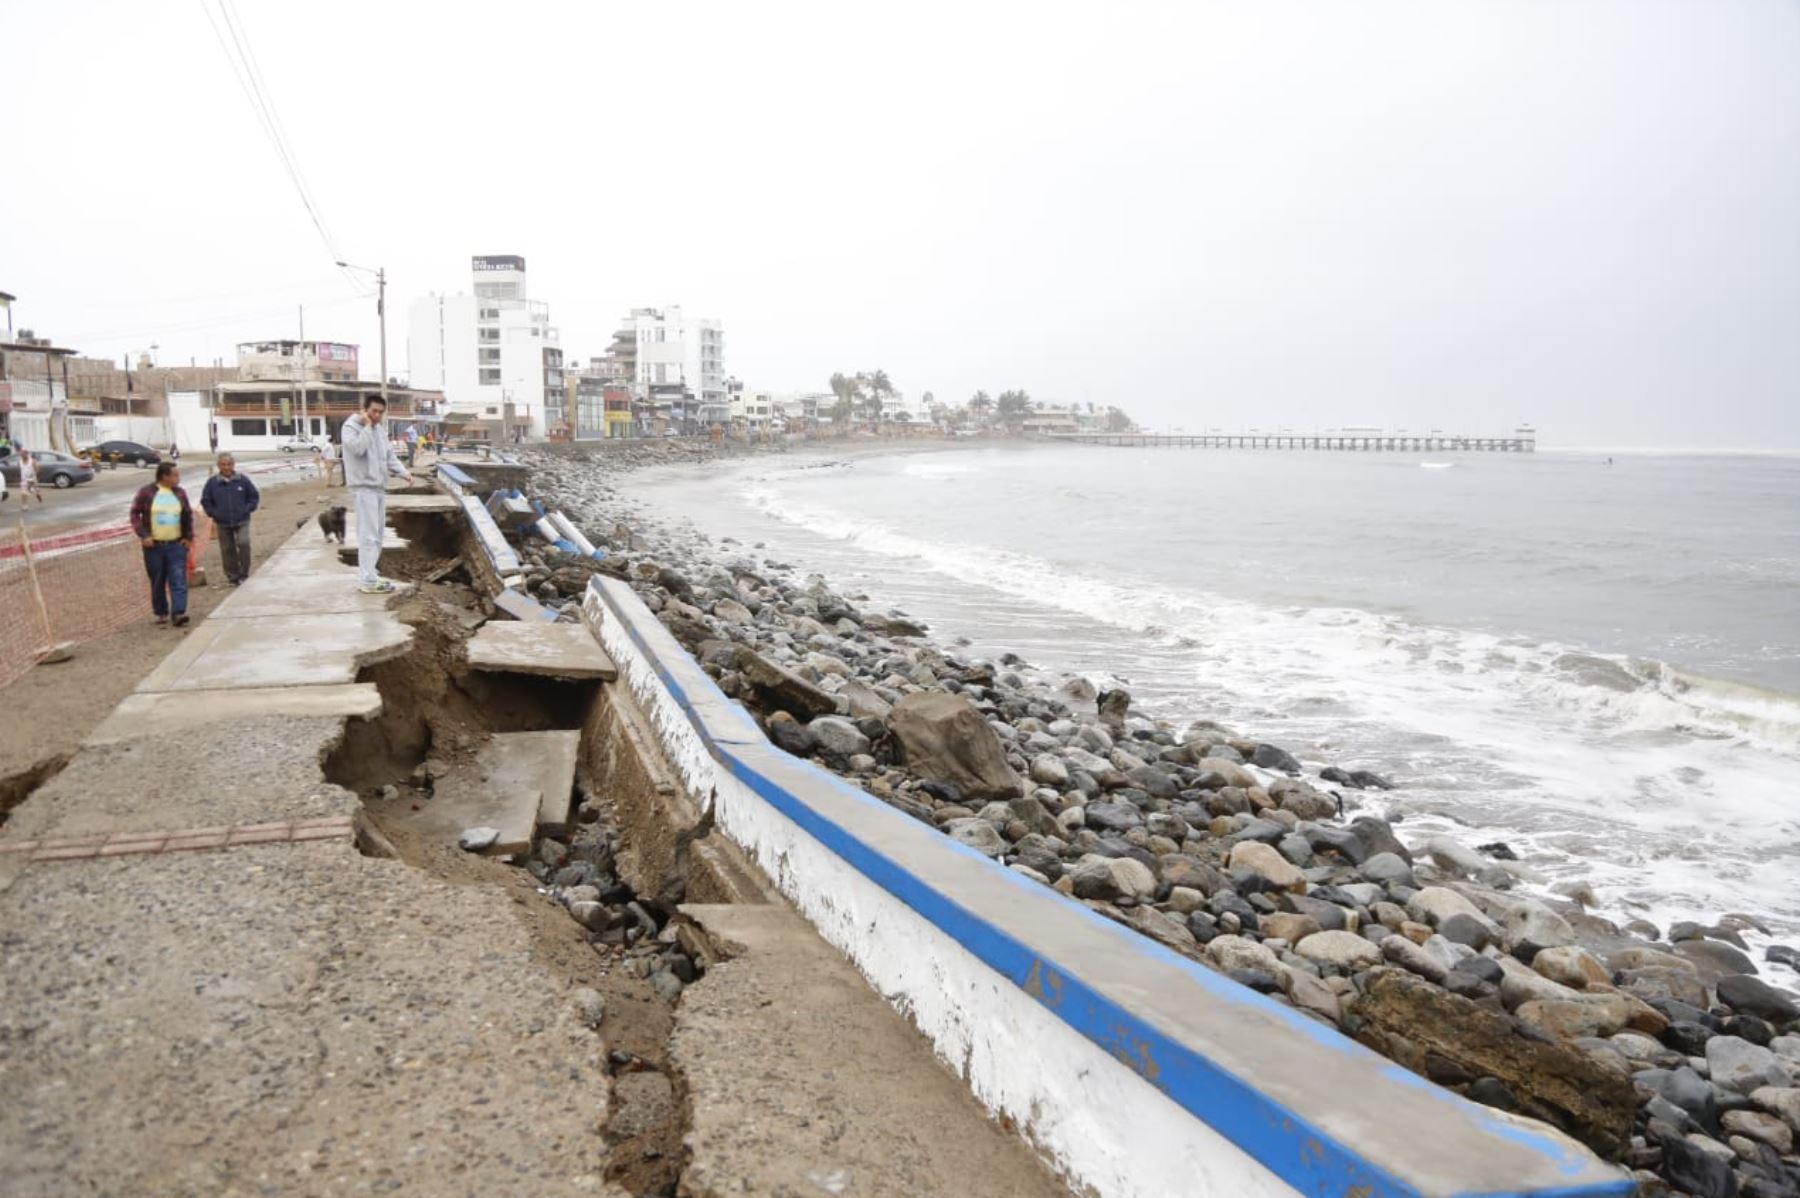 Oleajes anómalos registrados desde la noche del lunes provocaron el colapso de unos 60 metros del malecón del balneario de Huanchaco, en la provincia liberteña de Trujillo. Foto: ANDINA/Luis Puell